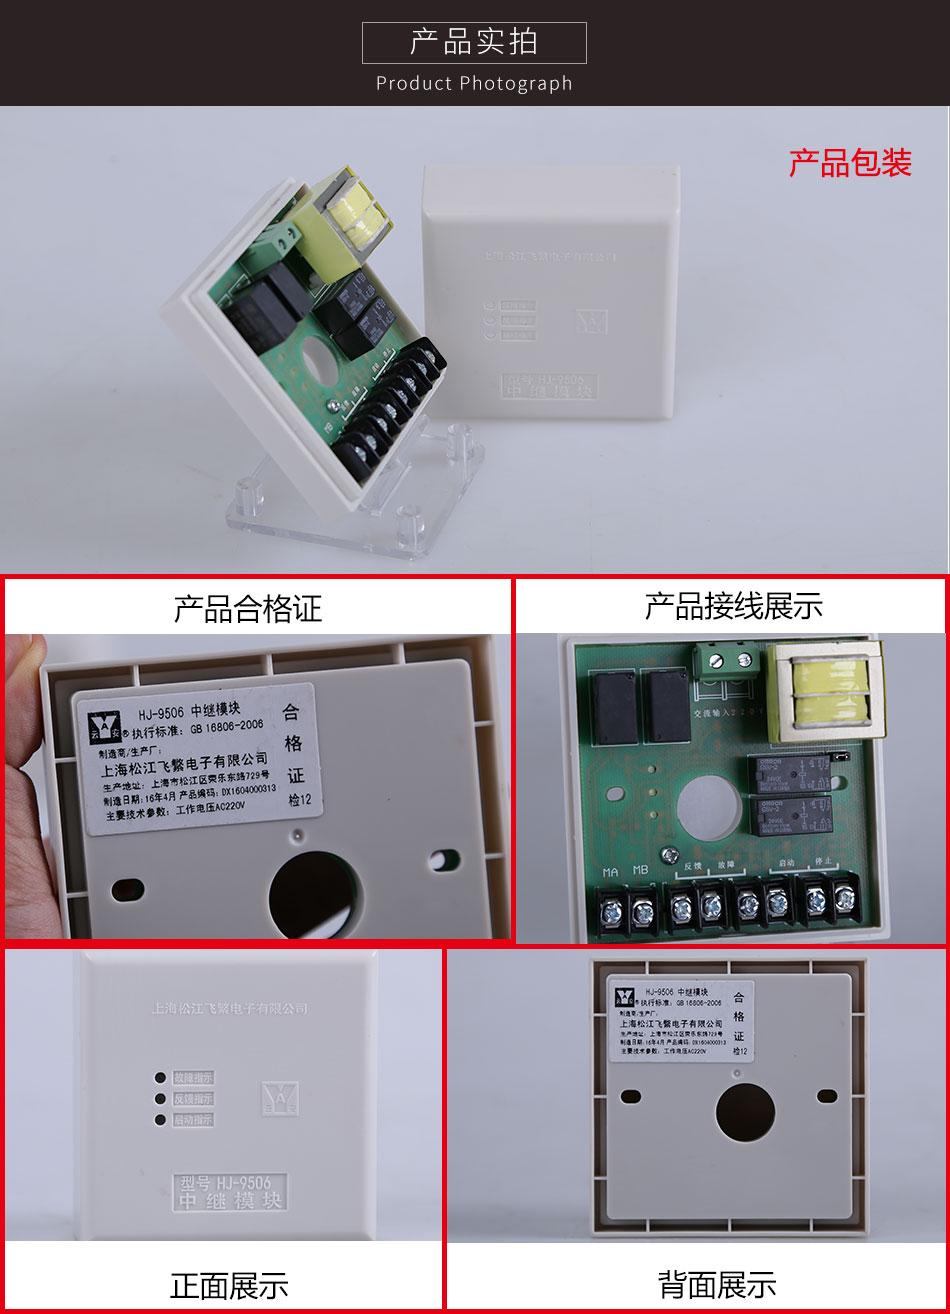 HJ-9506中继模块产品实拍图